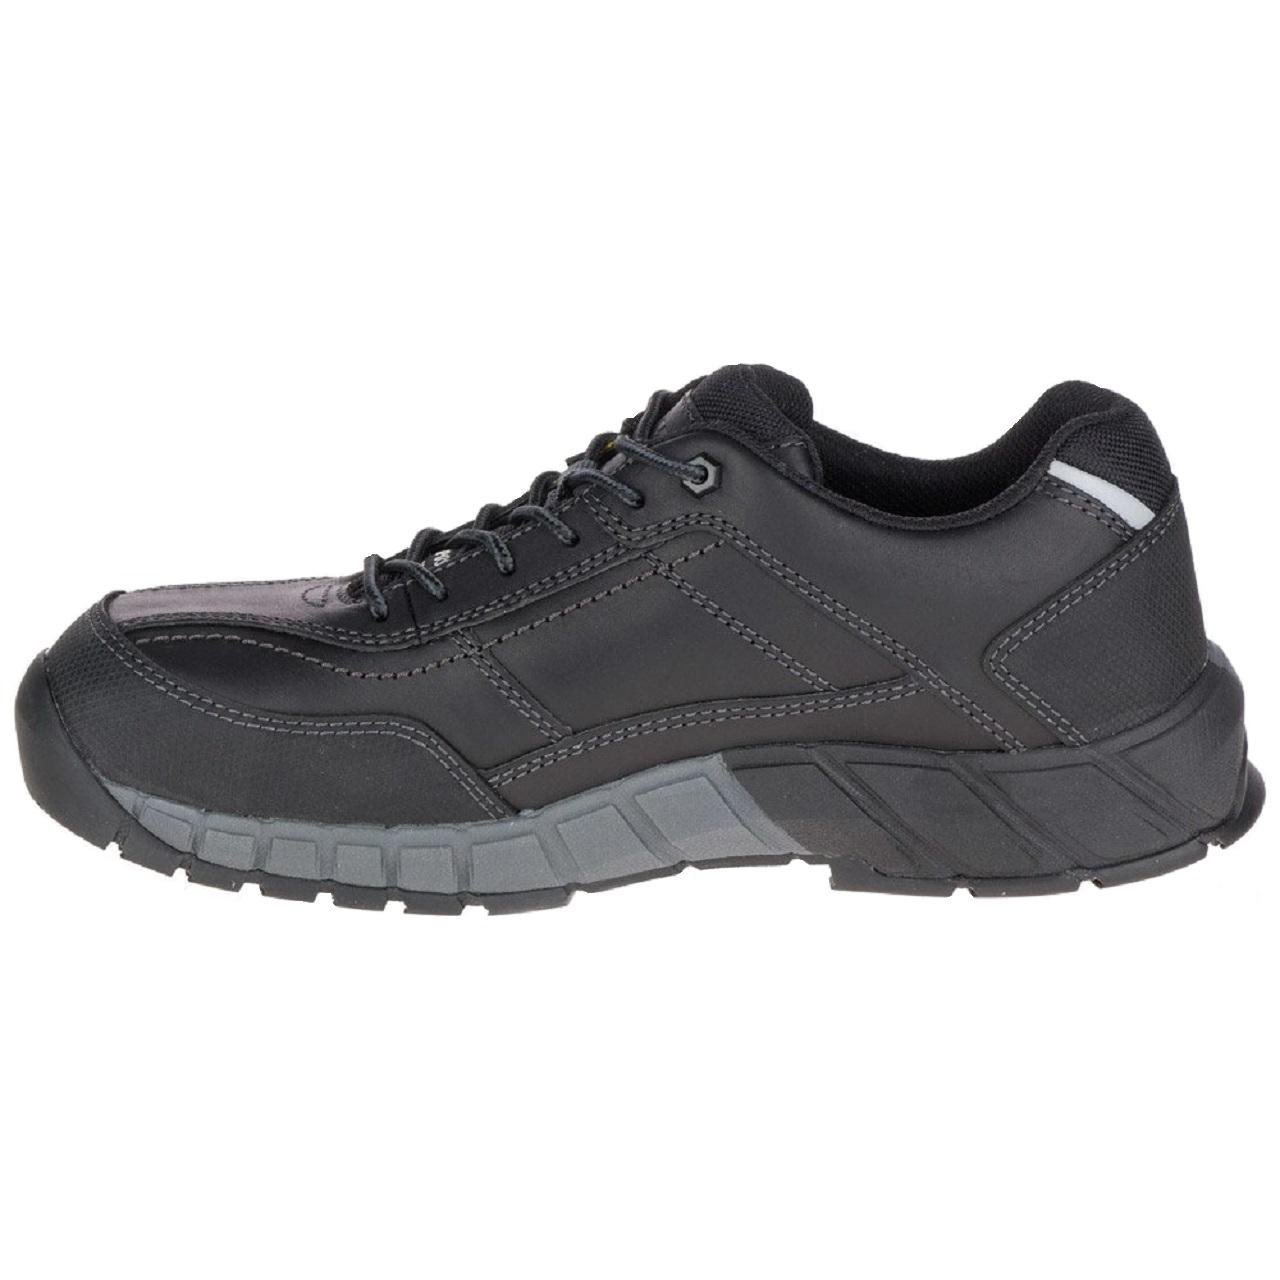 کفش ایمنی کاترپیلار مدل Streamline p90839